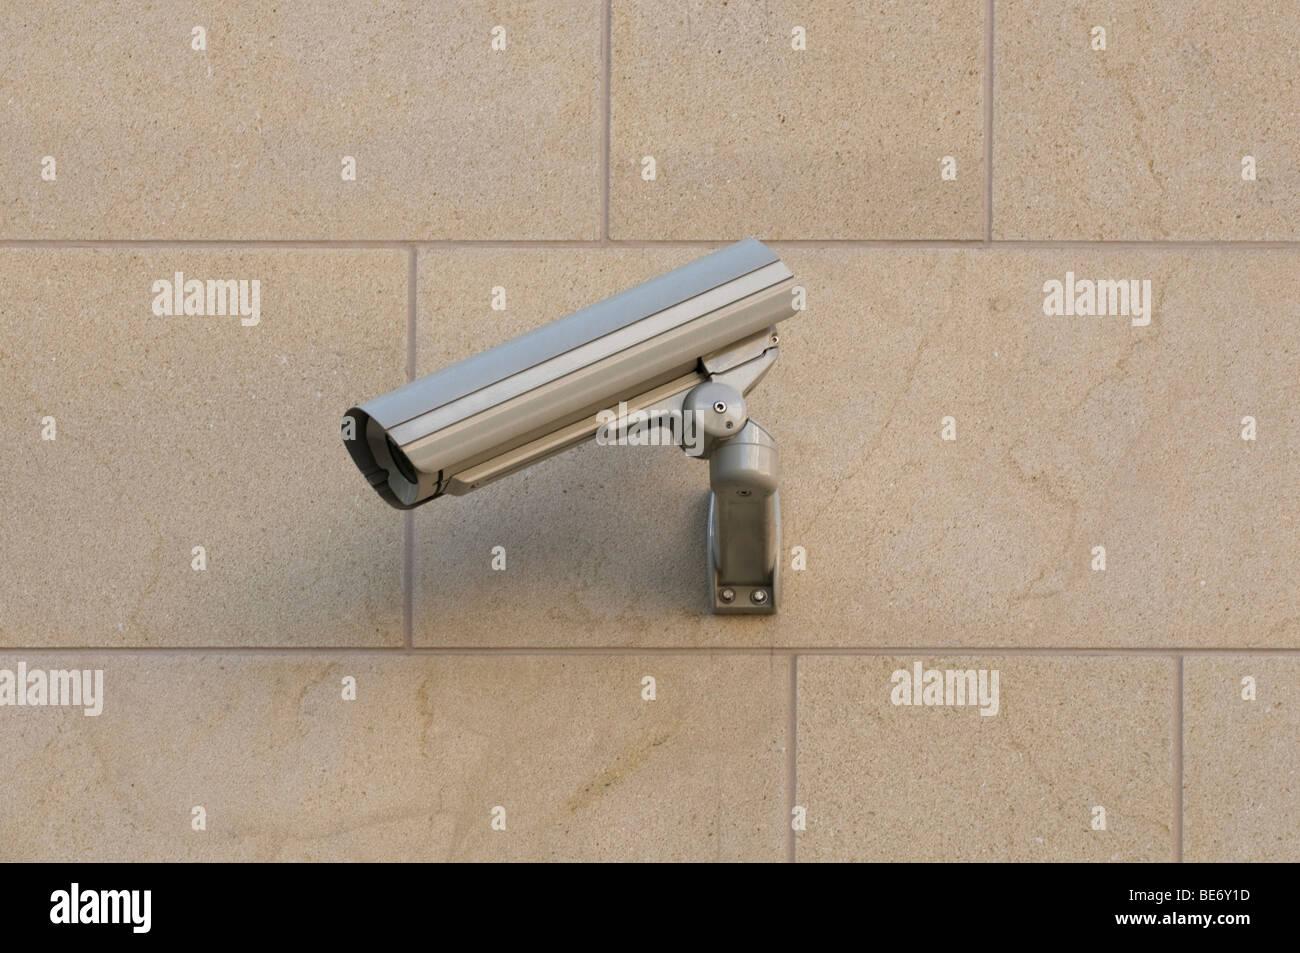 Caméra de surveillance sur une façade de l'immeuble Photo Stock